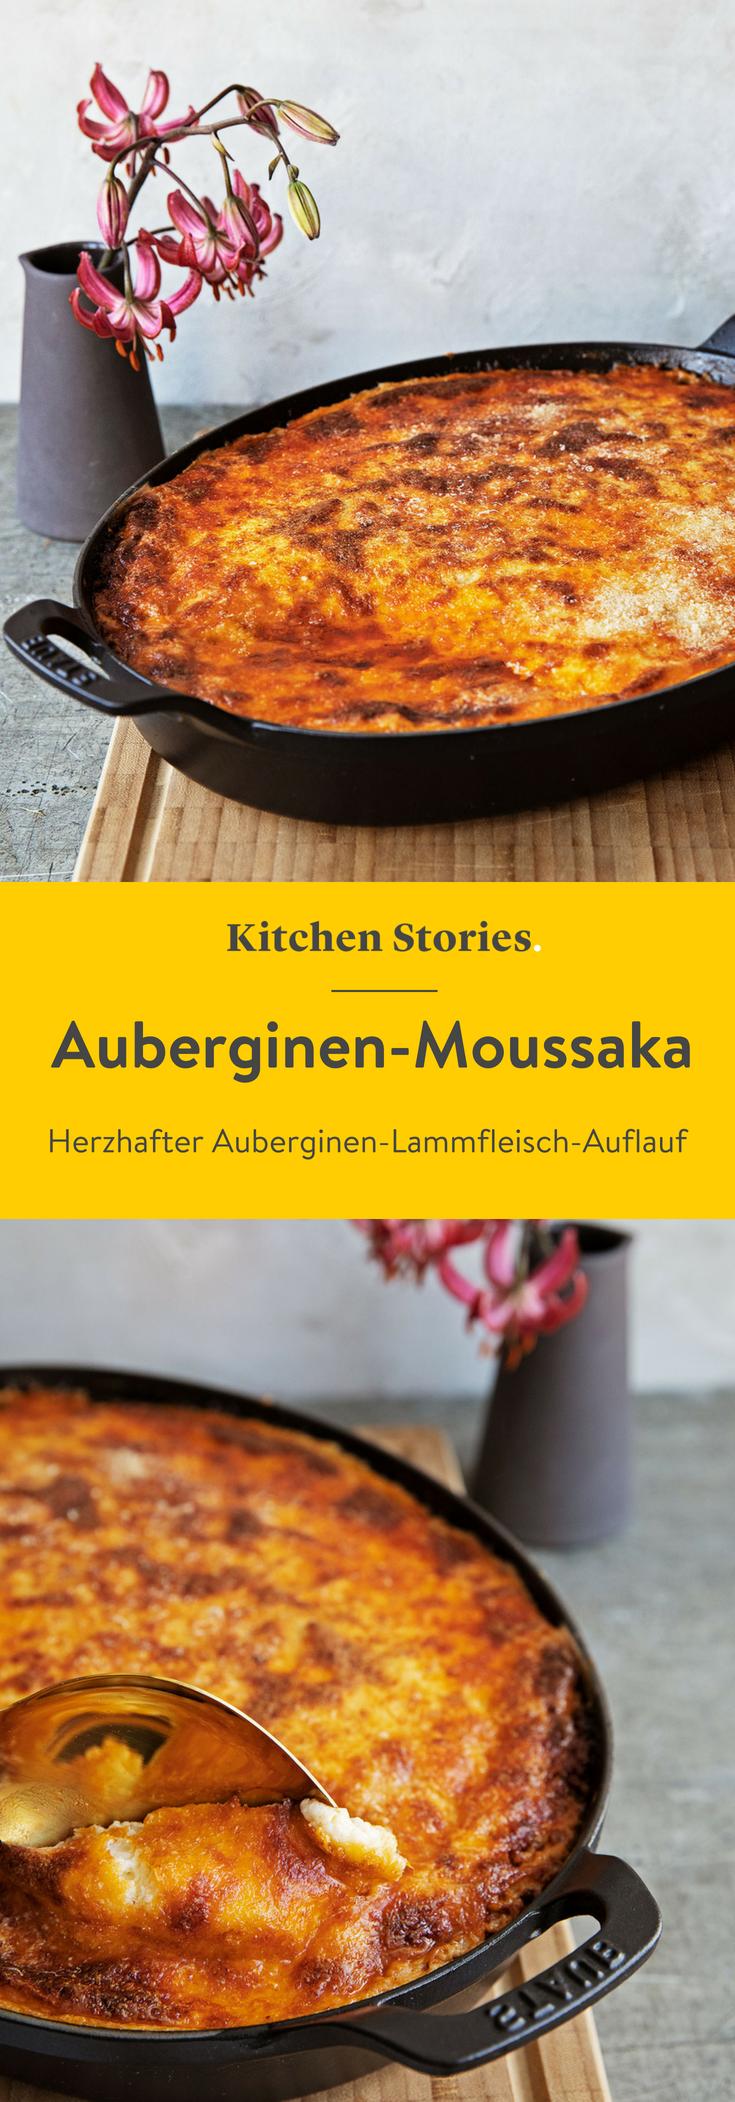 Auberginen-Moussaka #moussakagriechisch